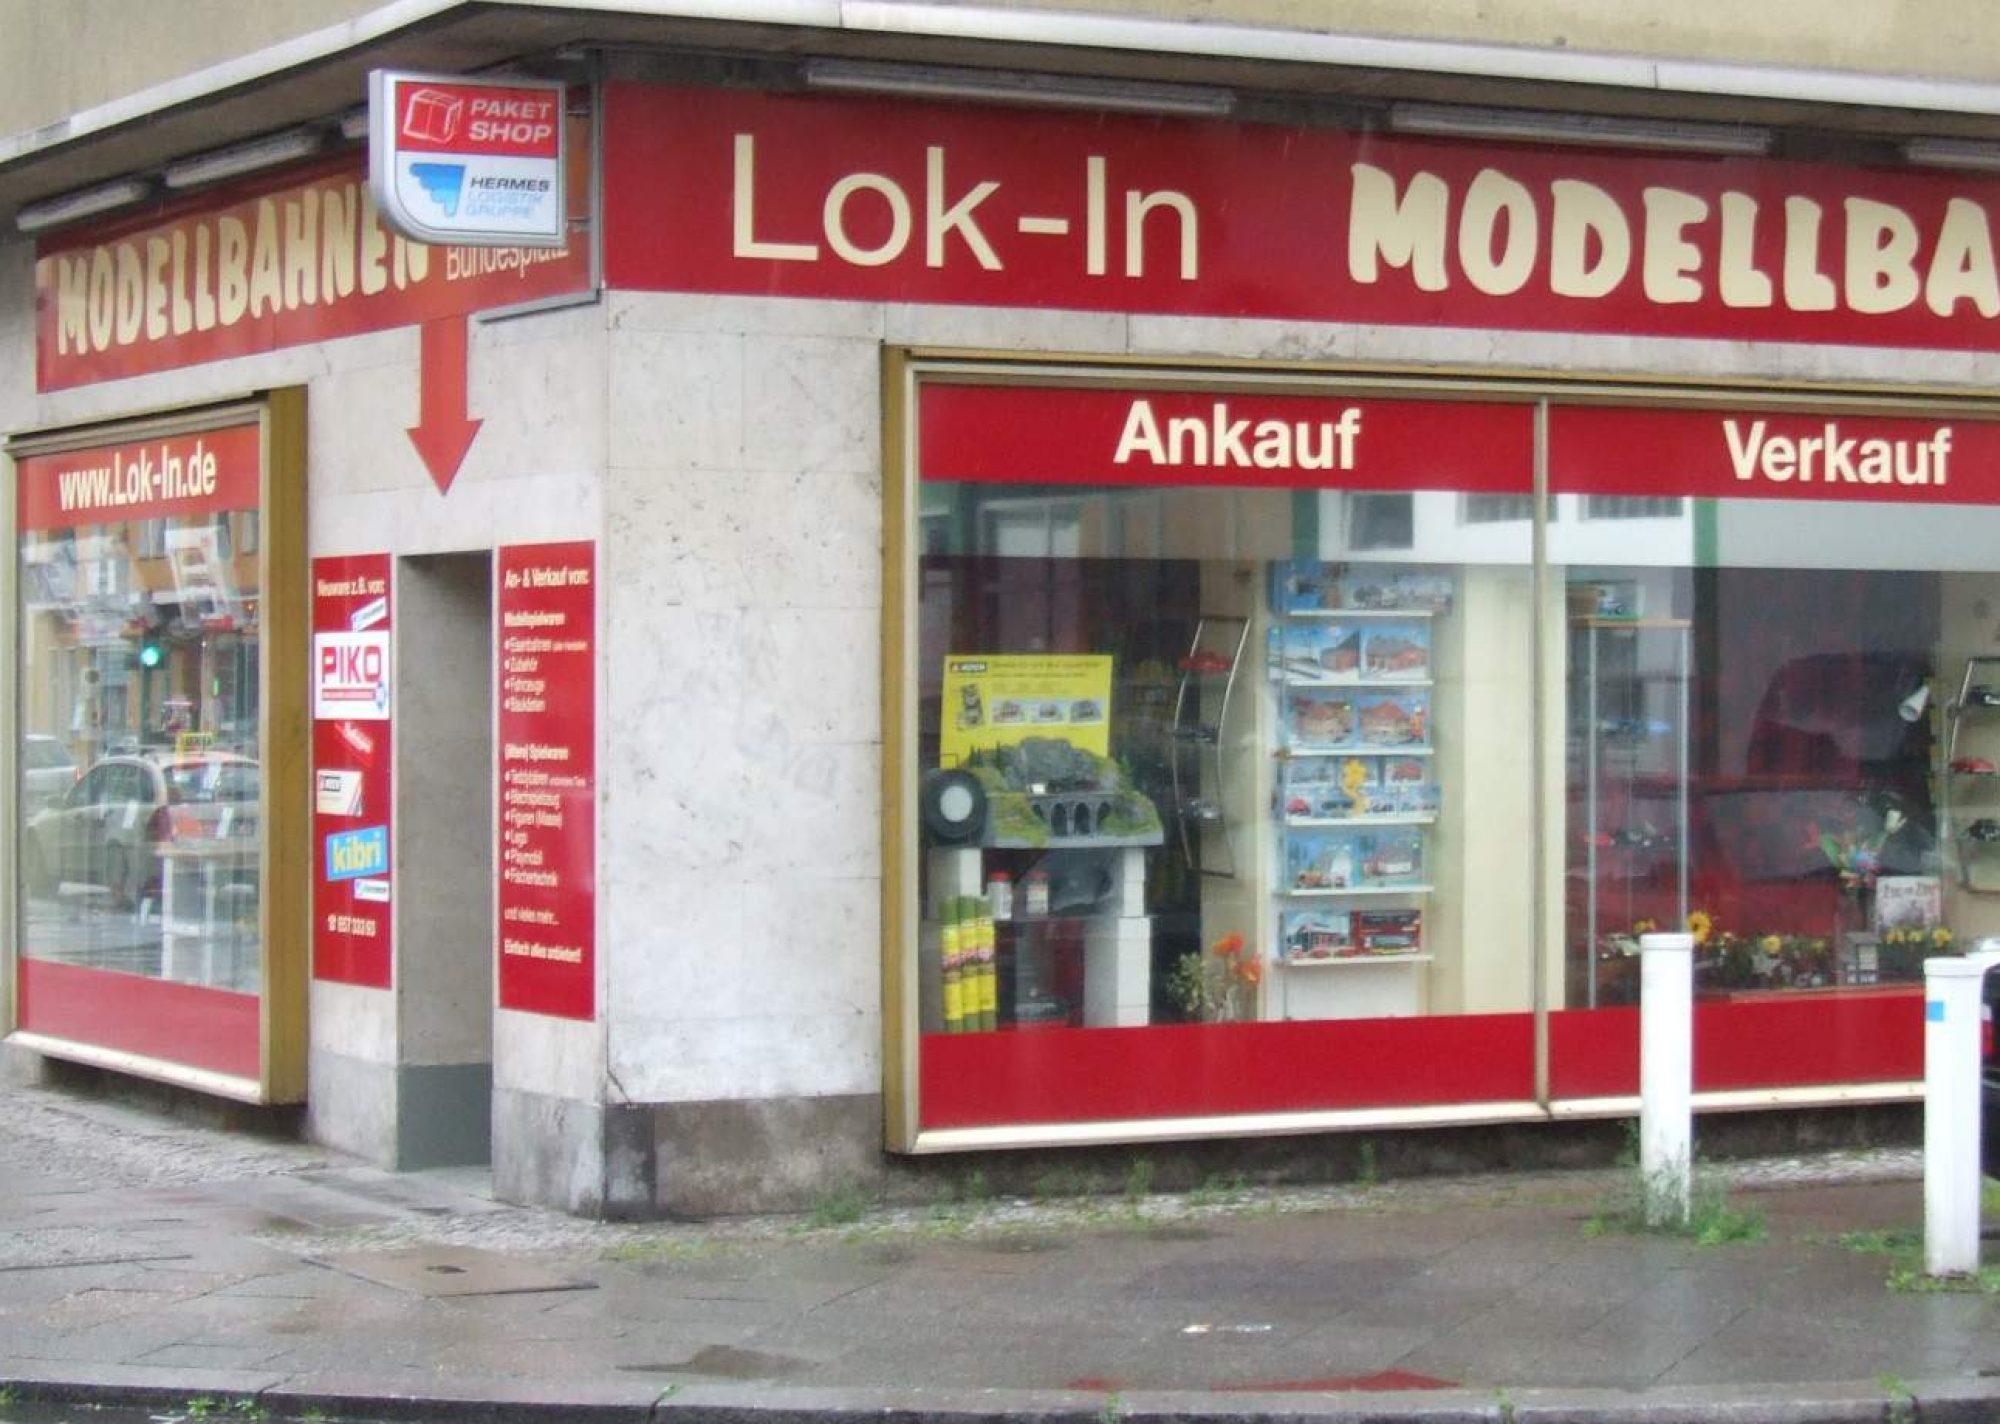 Lok-In Ankauf + Verkauf Modelleisenbahn Modellautos in Berlin